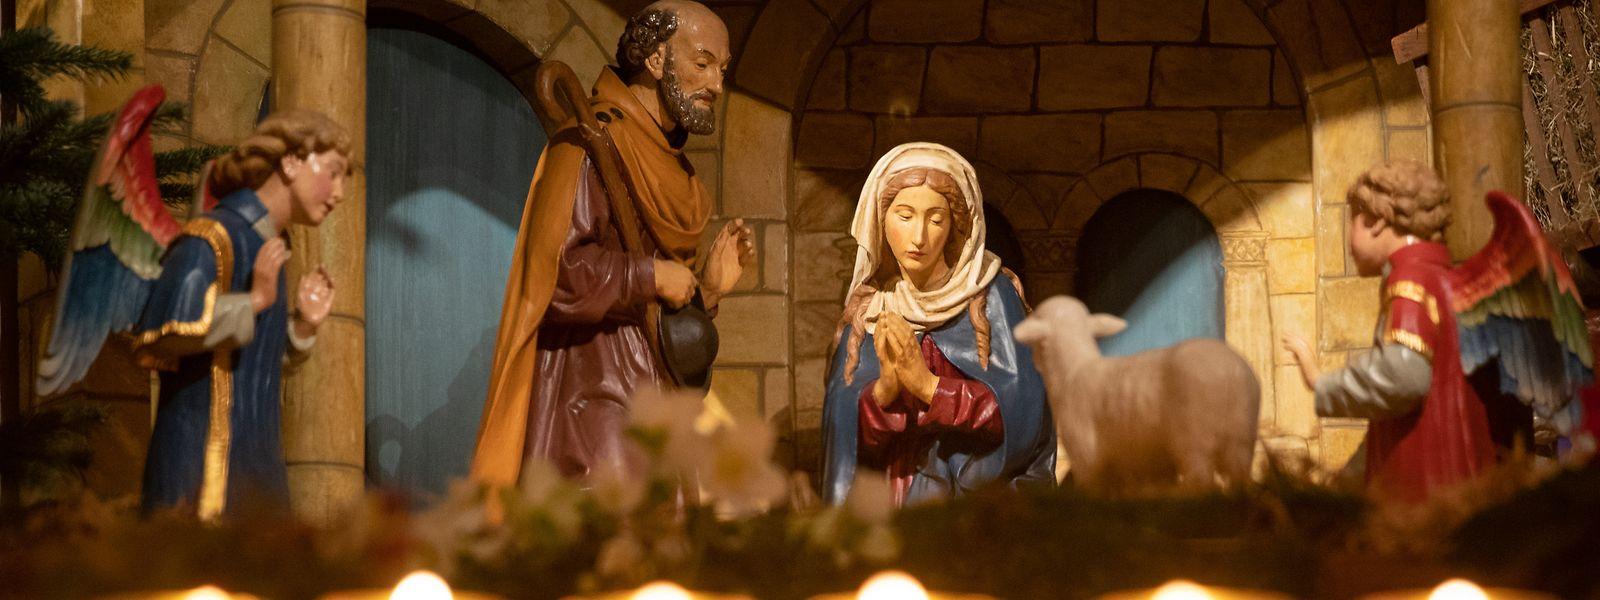 Die Heilige Nacht haben auch Maria und Josef unter widrigen Bedingungen verbracht.